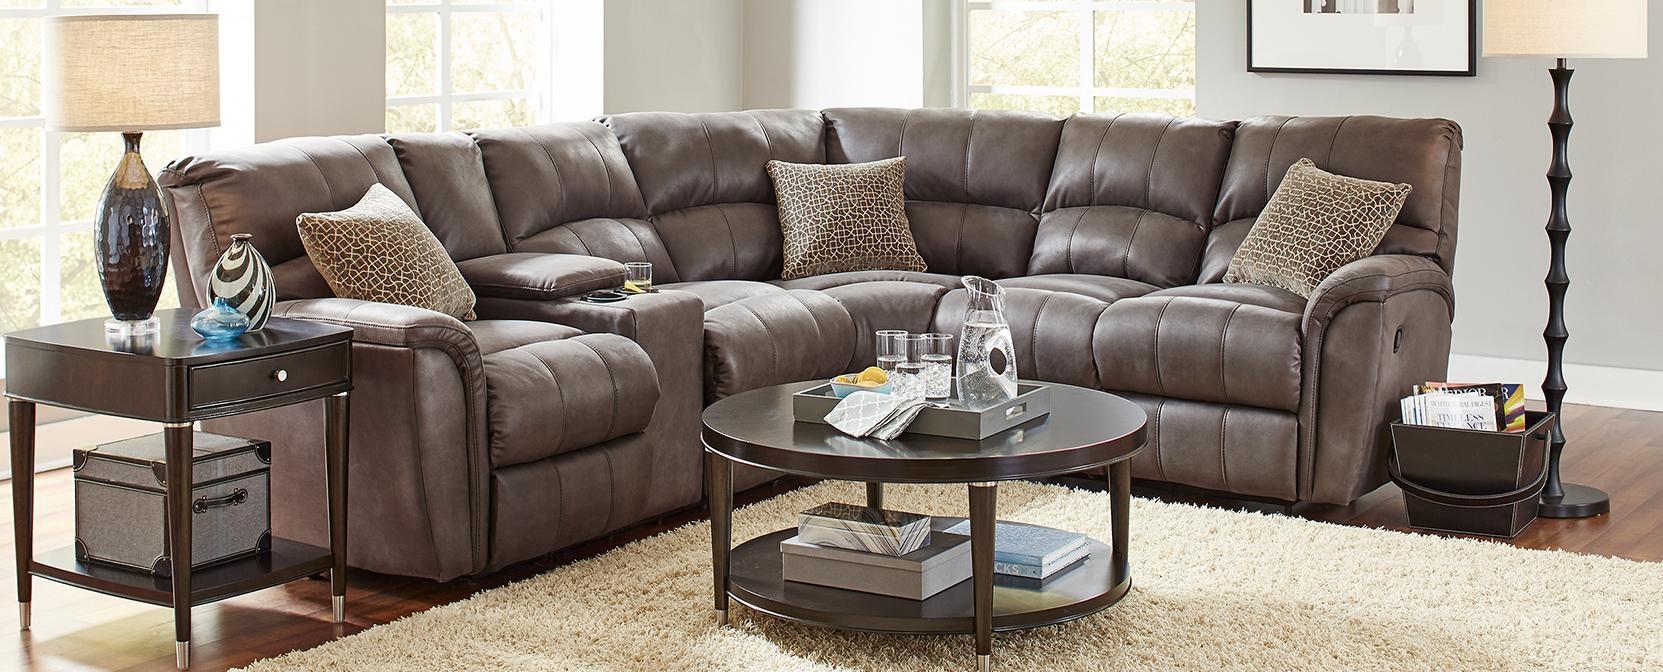 20 Photos Lane Furniture Sofas Sofa Ideas